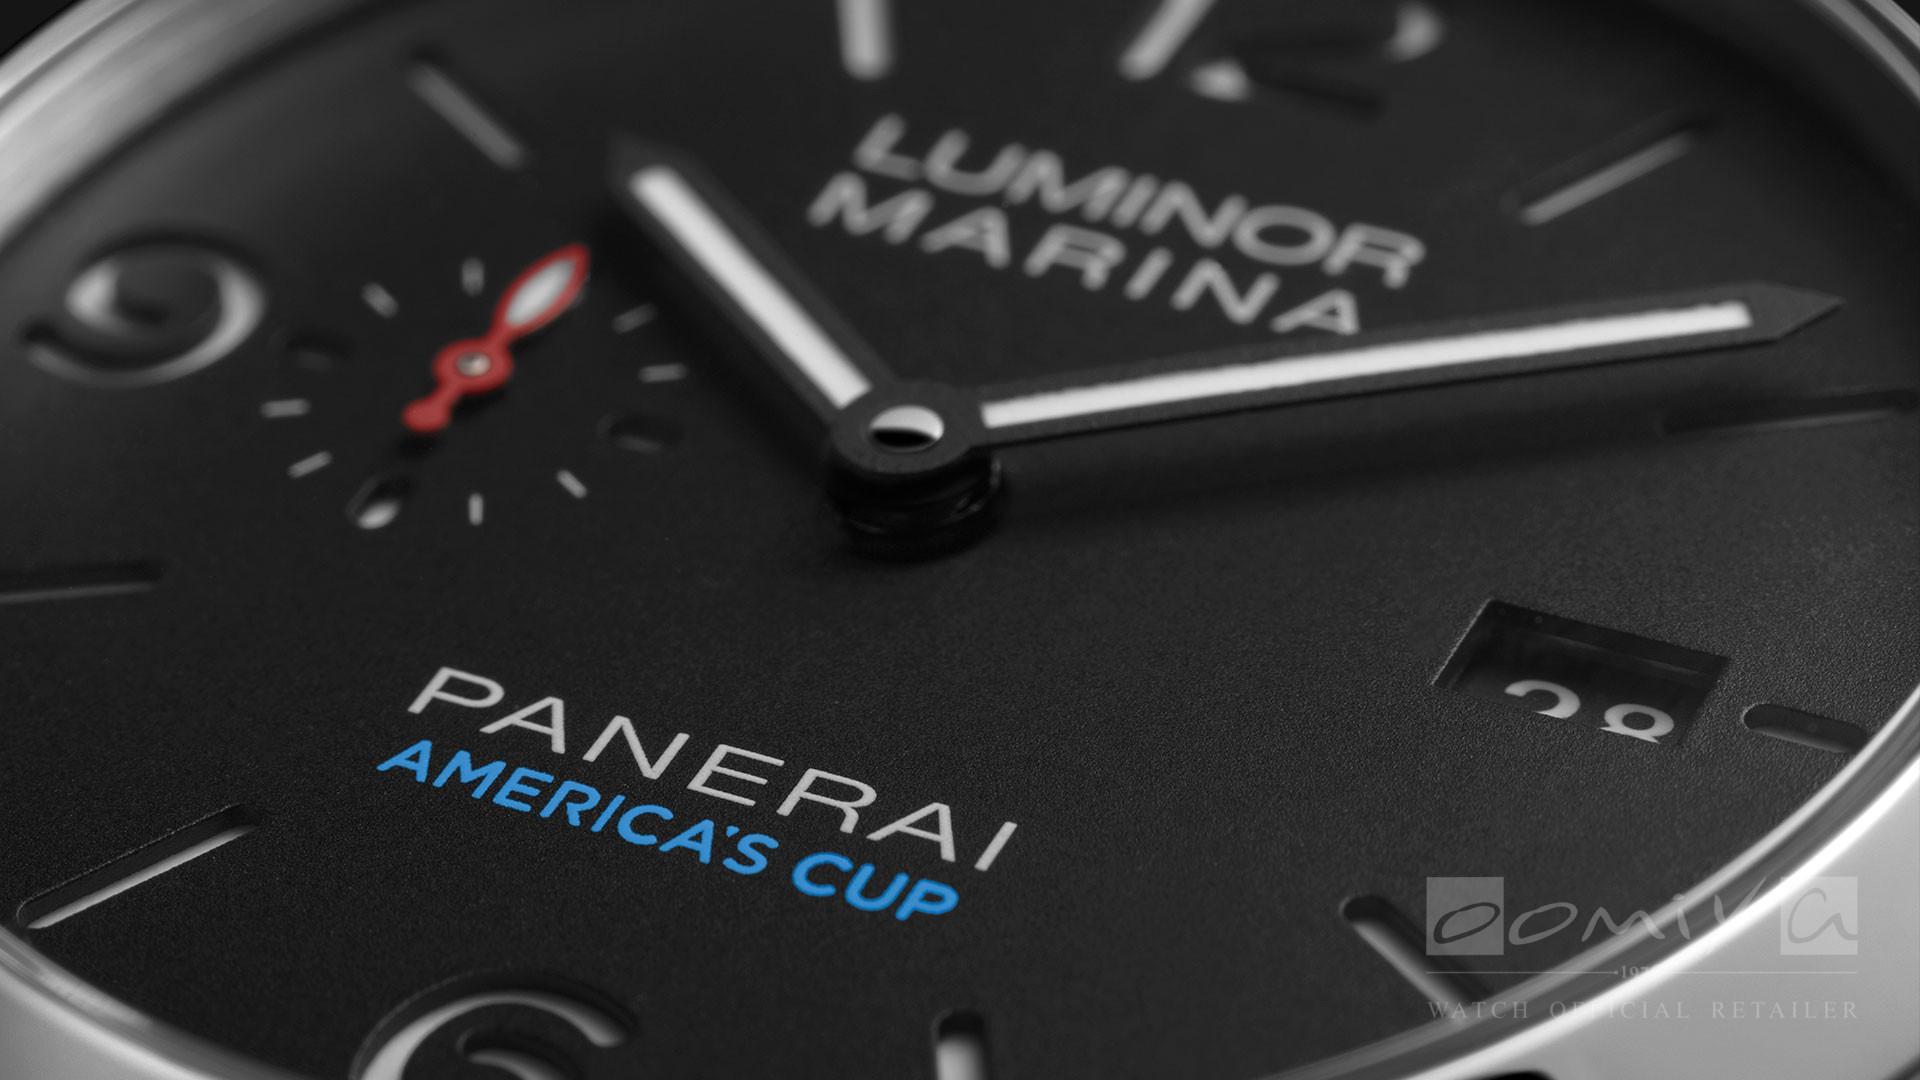 パネライ 2017年新作 PAM00732 ルミノール マリーナ 1950 ソフトバンクチーム 3デイズ オートマティック アッチャイオ